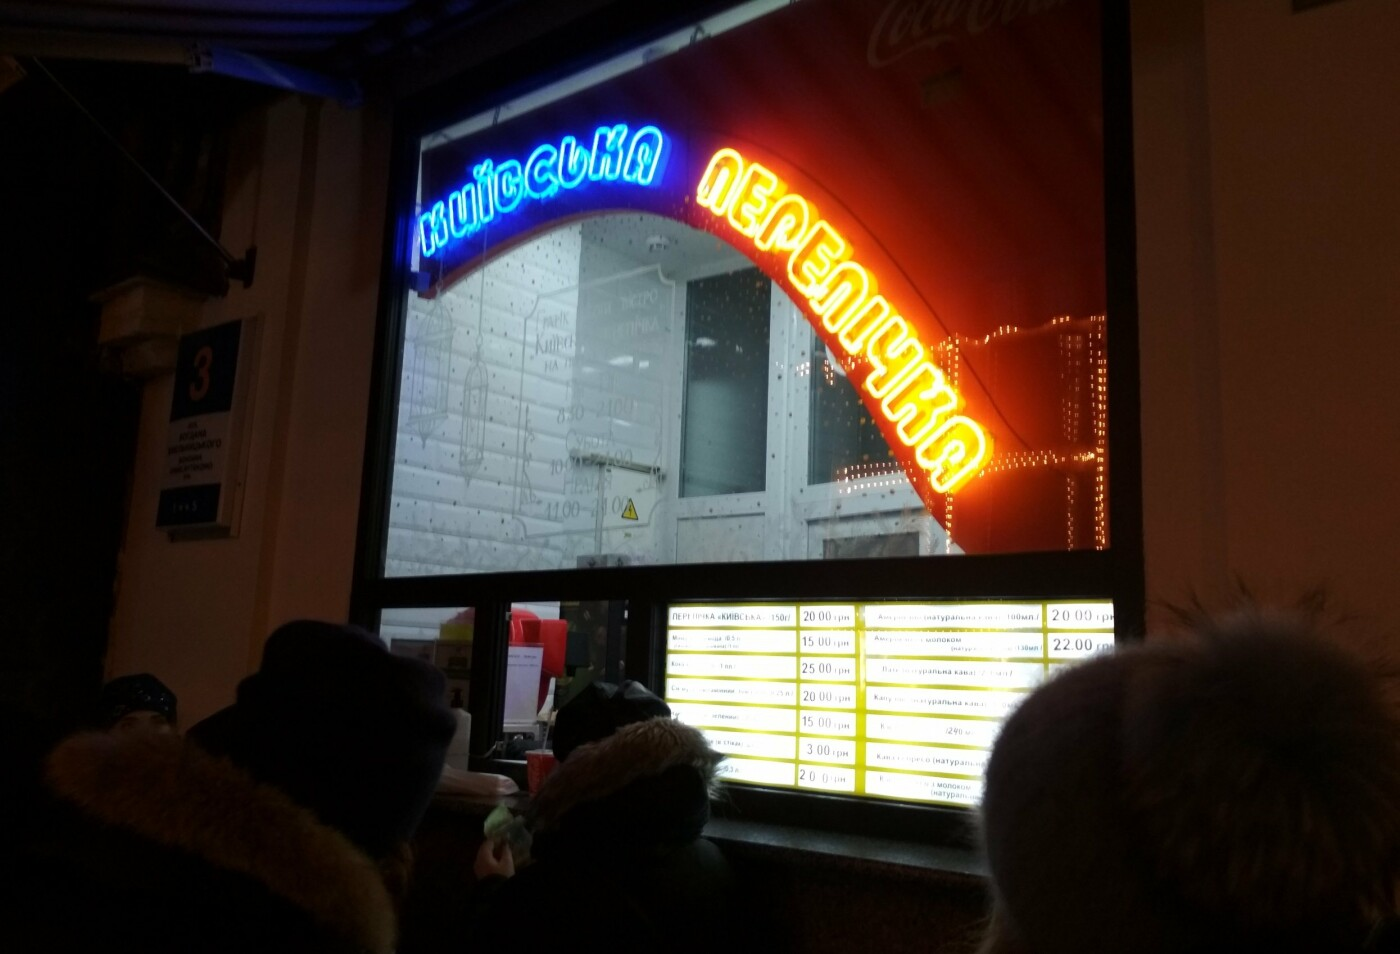 Киевская перепичка: секрет популярности фирменного фаст-фуда, - ФОТО, Фото: Олексій Нестеренко